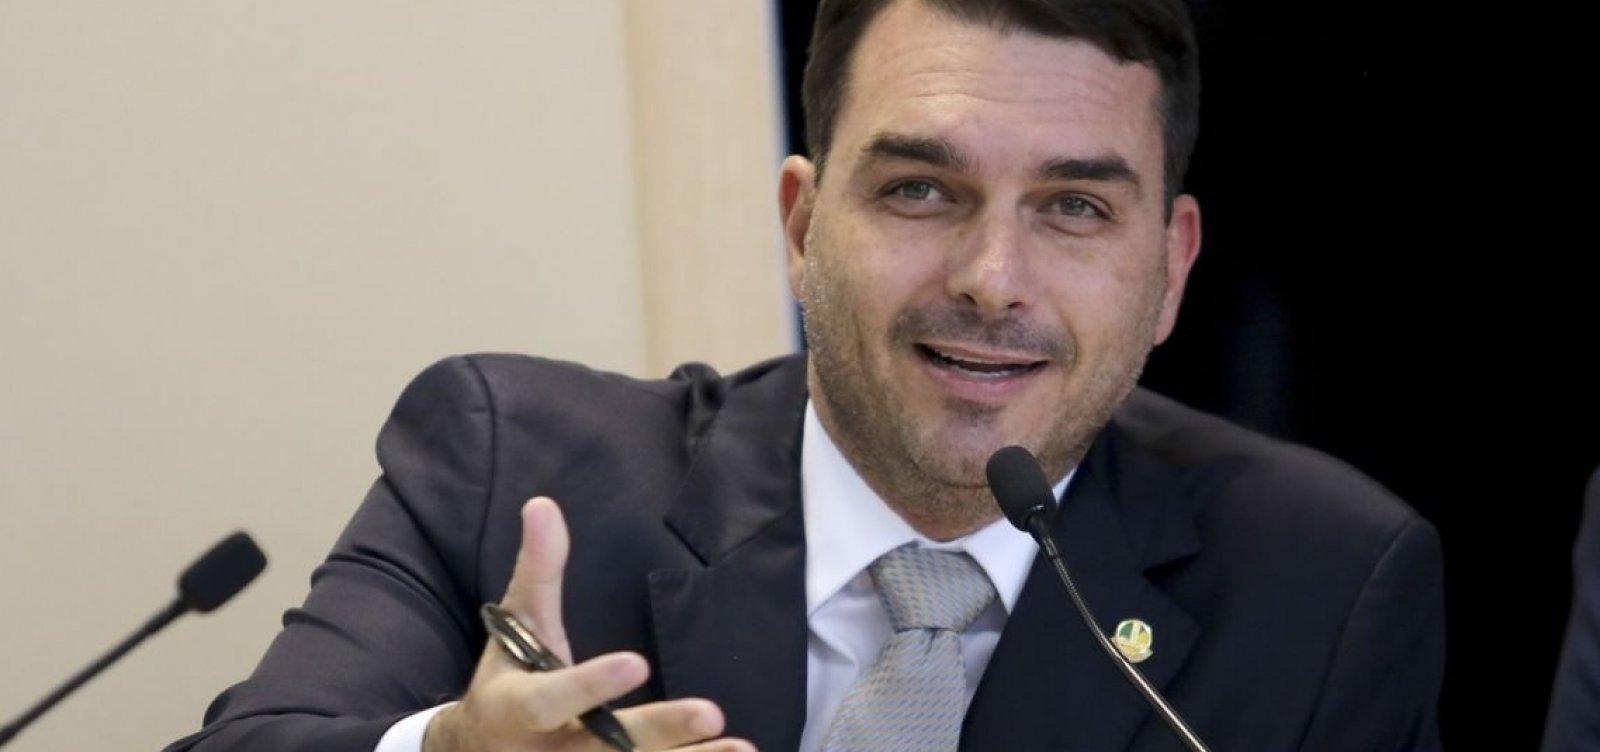 STJ retoma julgamento de ação de Flávio Bolsonaro para anular caso da rachadinha